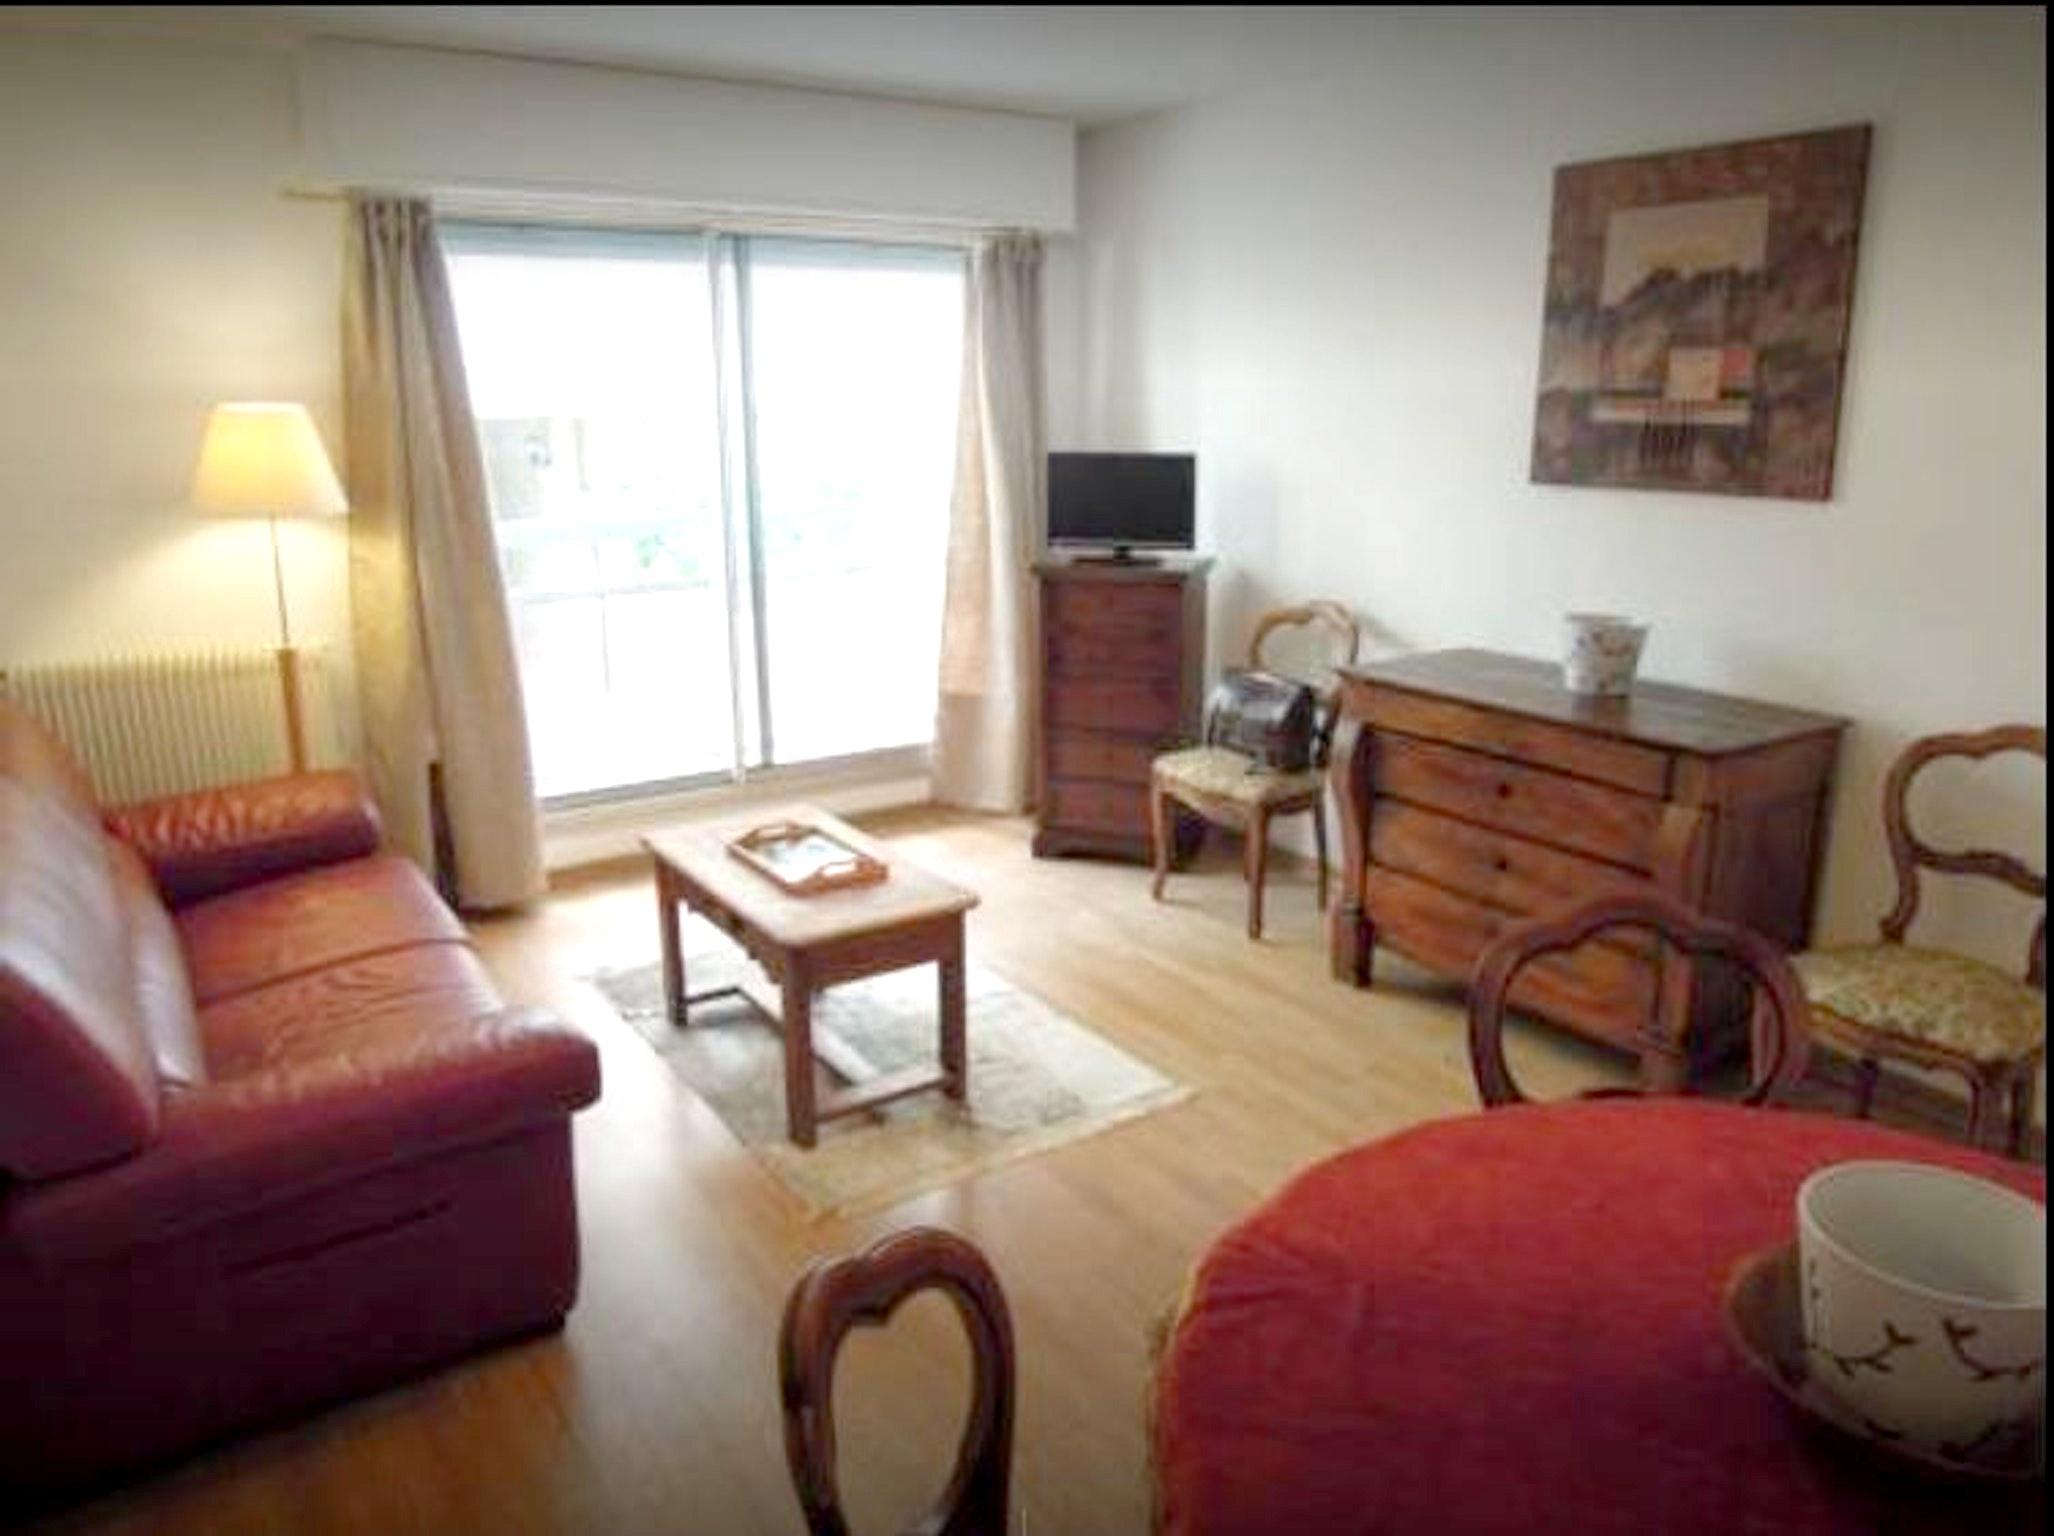 Appartement de vacances Wohnung mit einem Schlafzimmer in Montpellier mit eingezäuntem Garten und W-LAN - 10 km vo (2561865), Montpellier, Côte méditerranéenne Hérault, Languedoc-Roussillon, France, image 2